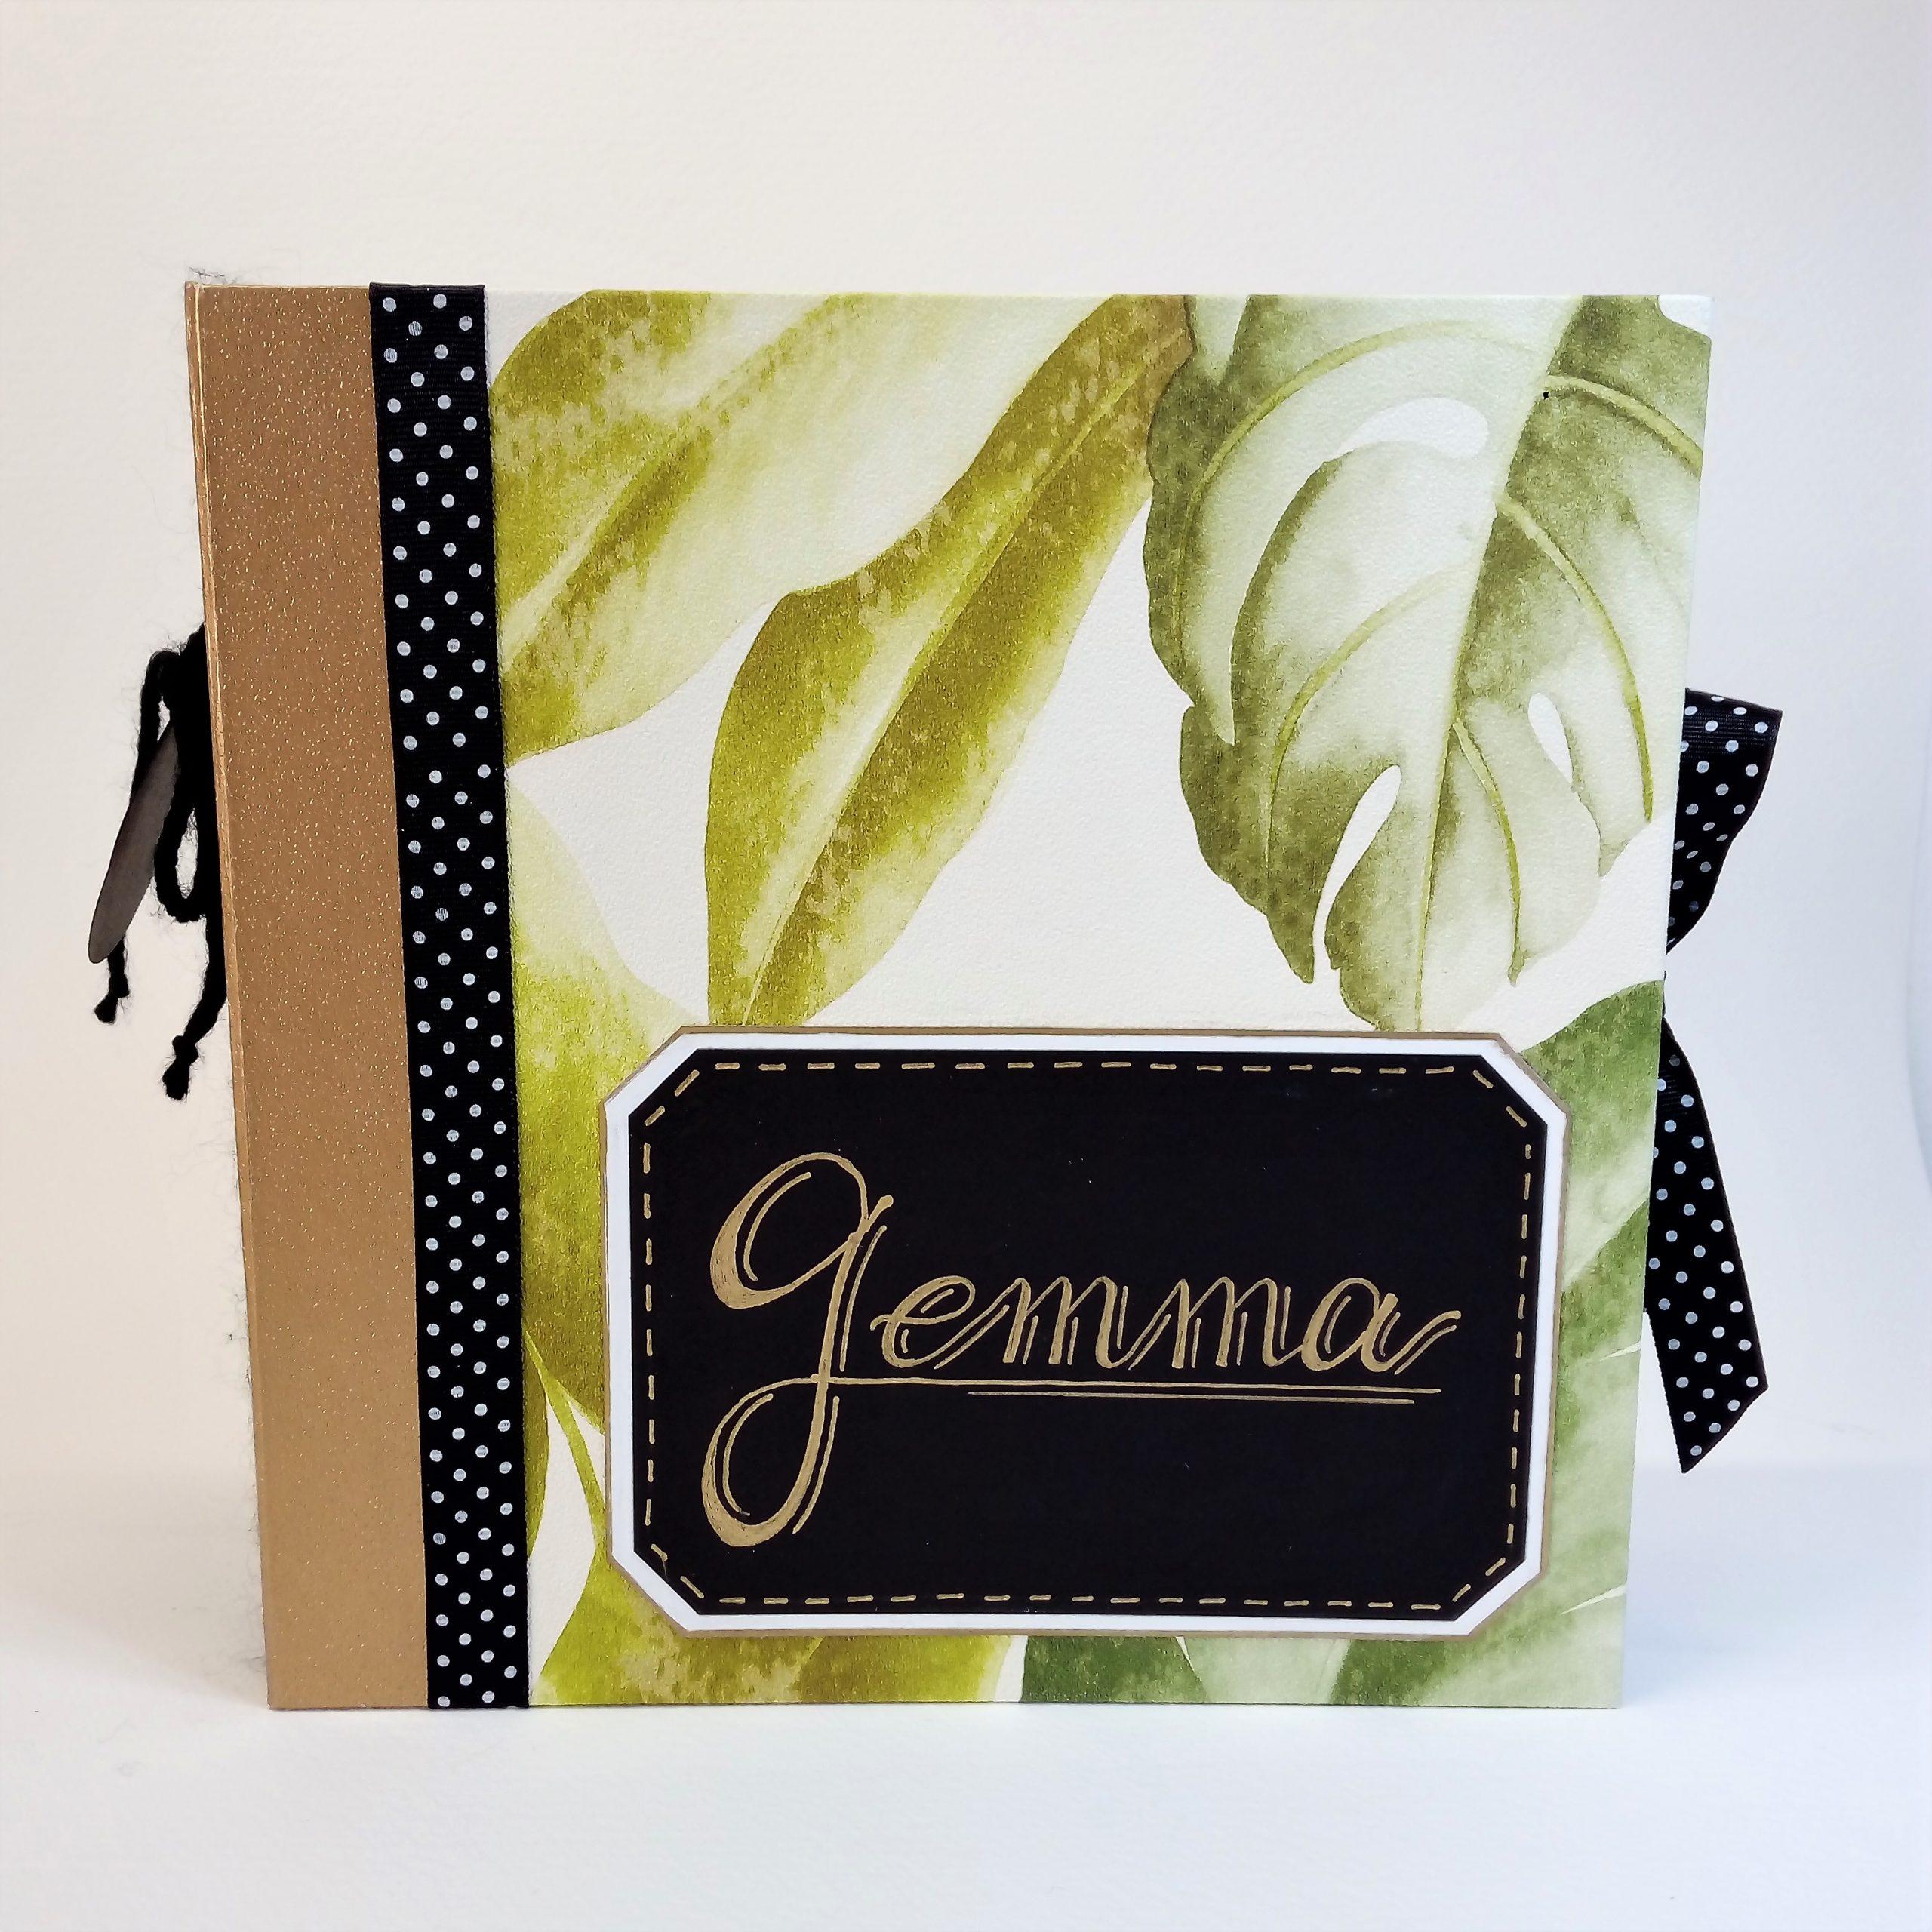 Àlbum per fotos Gemma